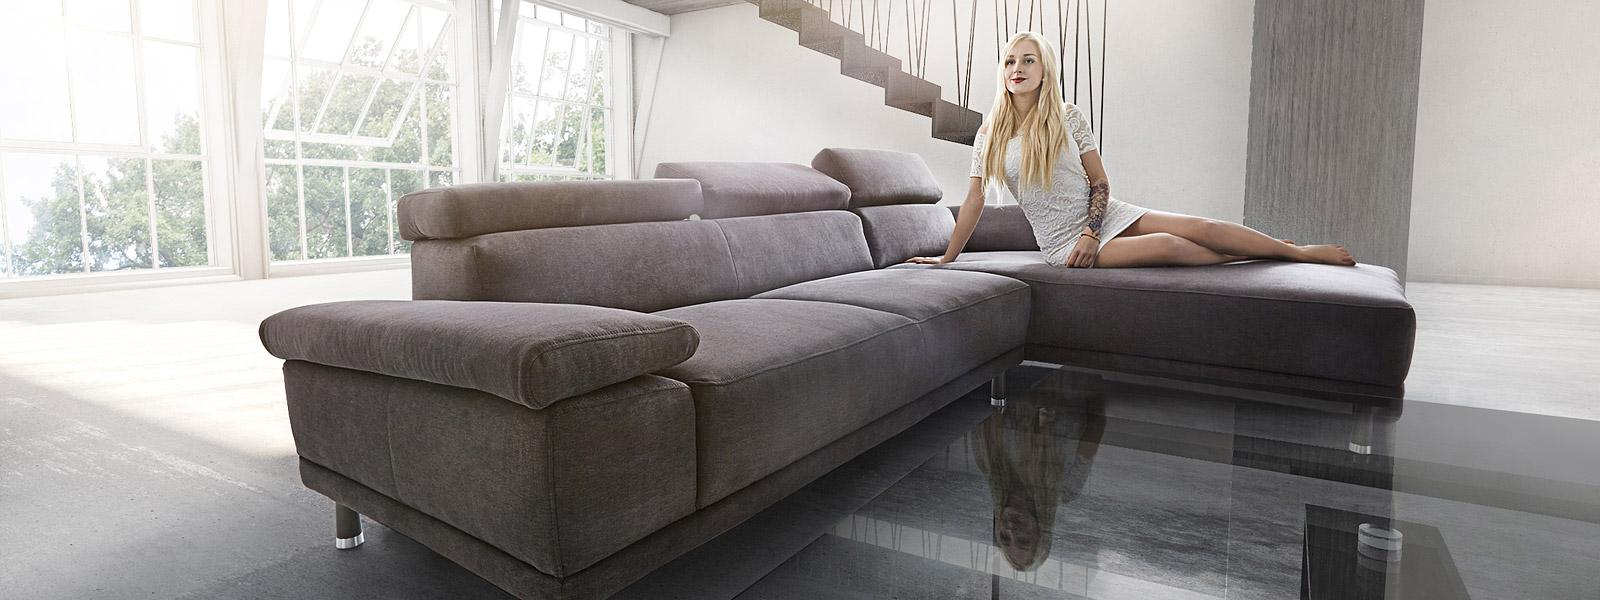 Wohnzimmer Sofa Stellen Inspiration F R Die Gestaltung Der Besten R Ume